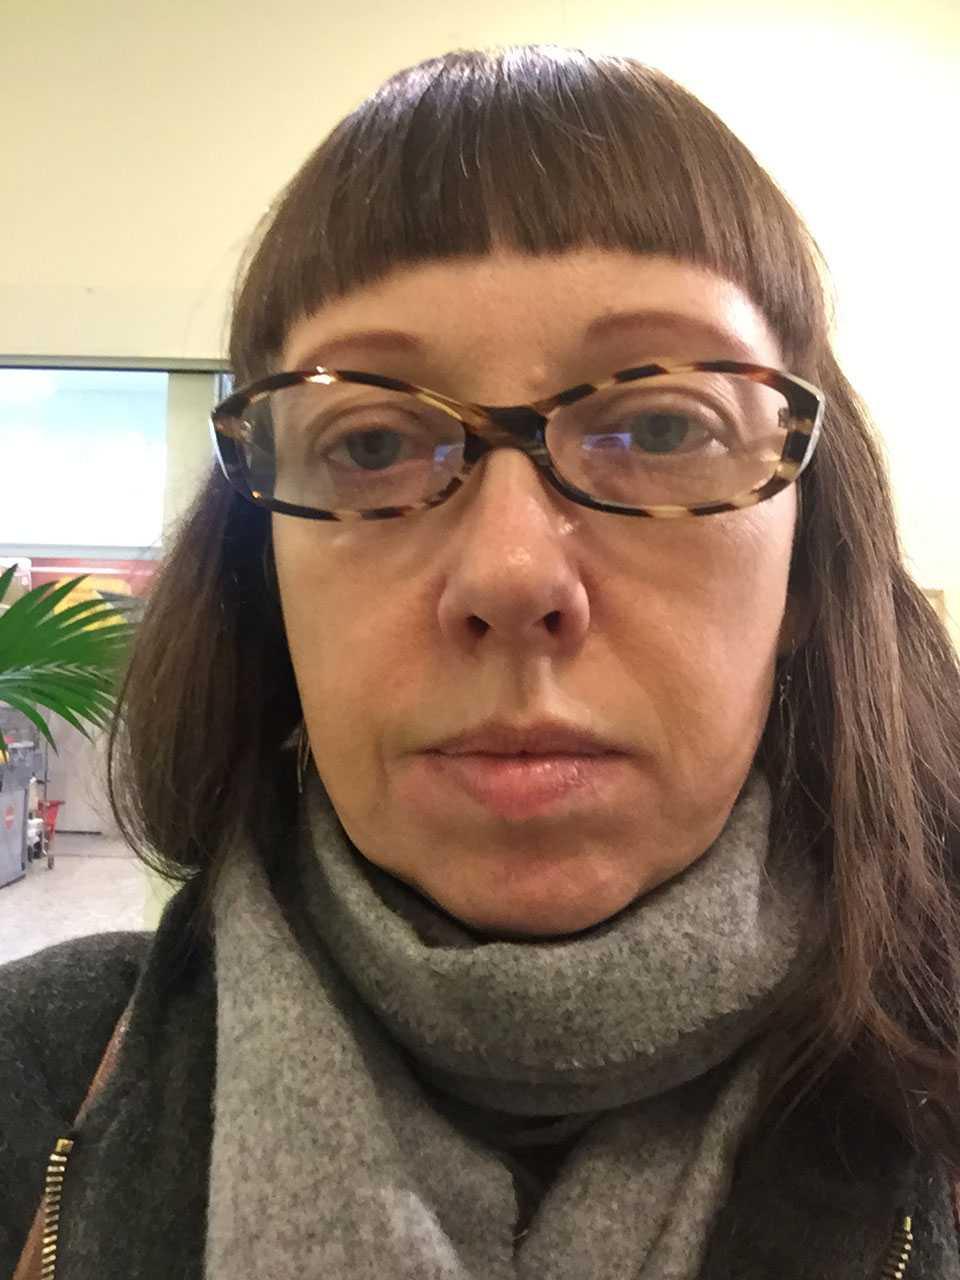 Jeanette Tenggren Durkan, 48